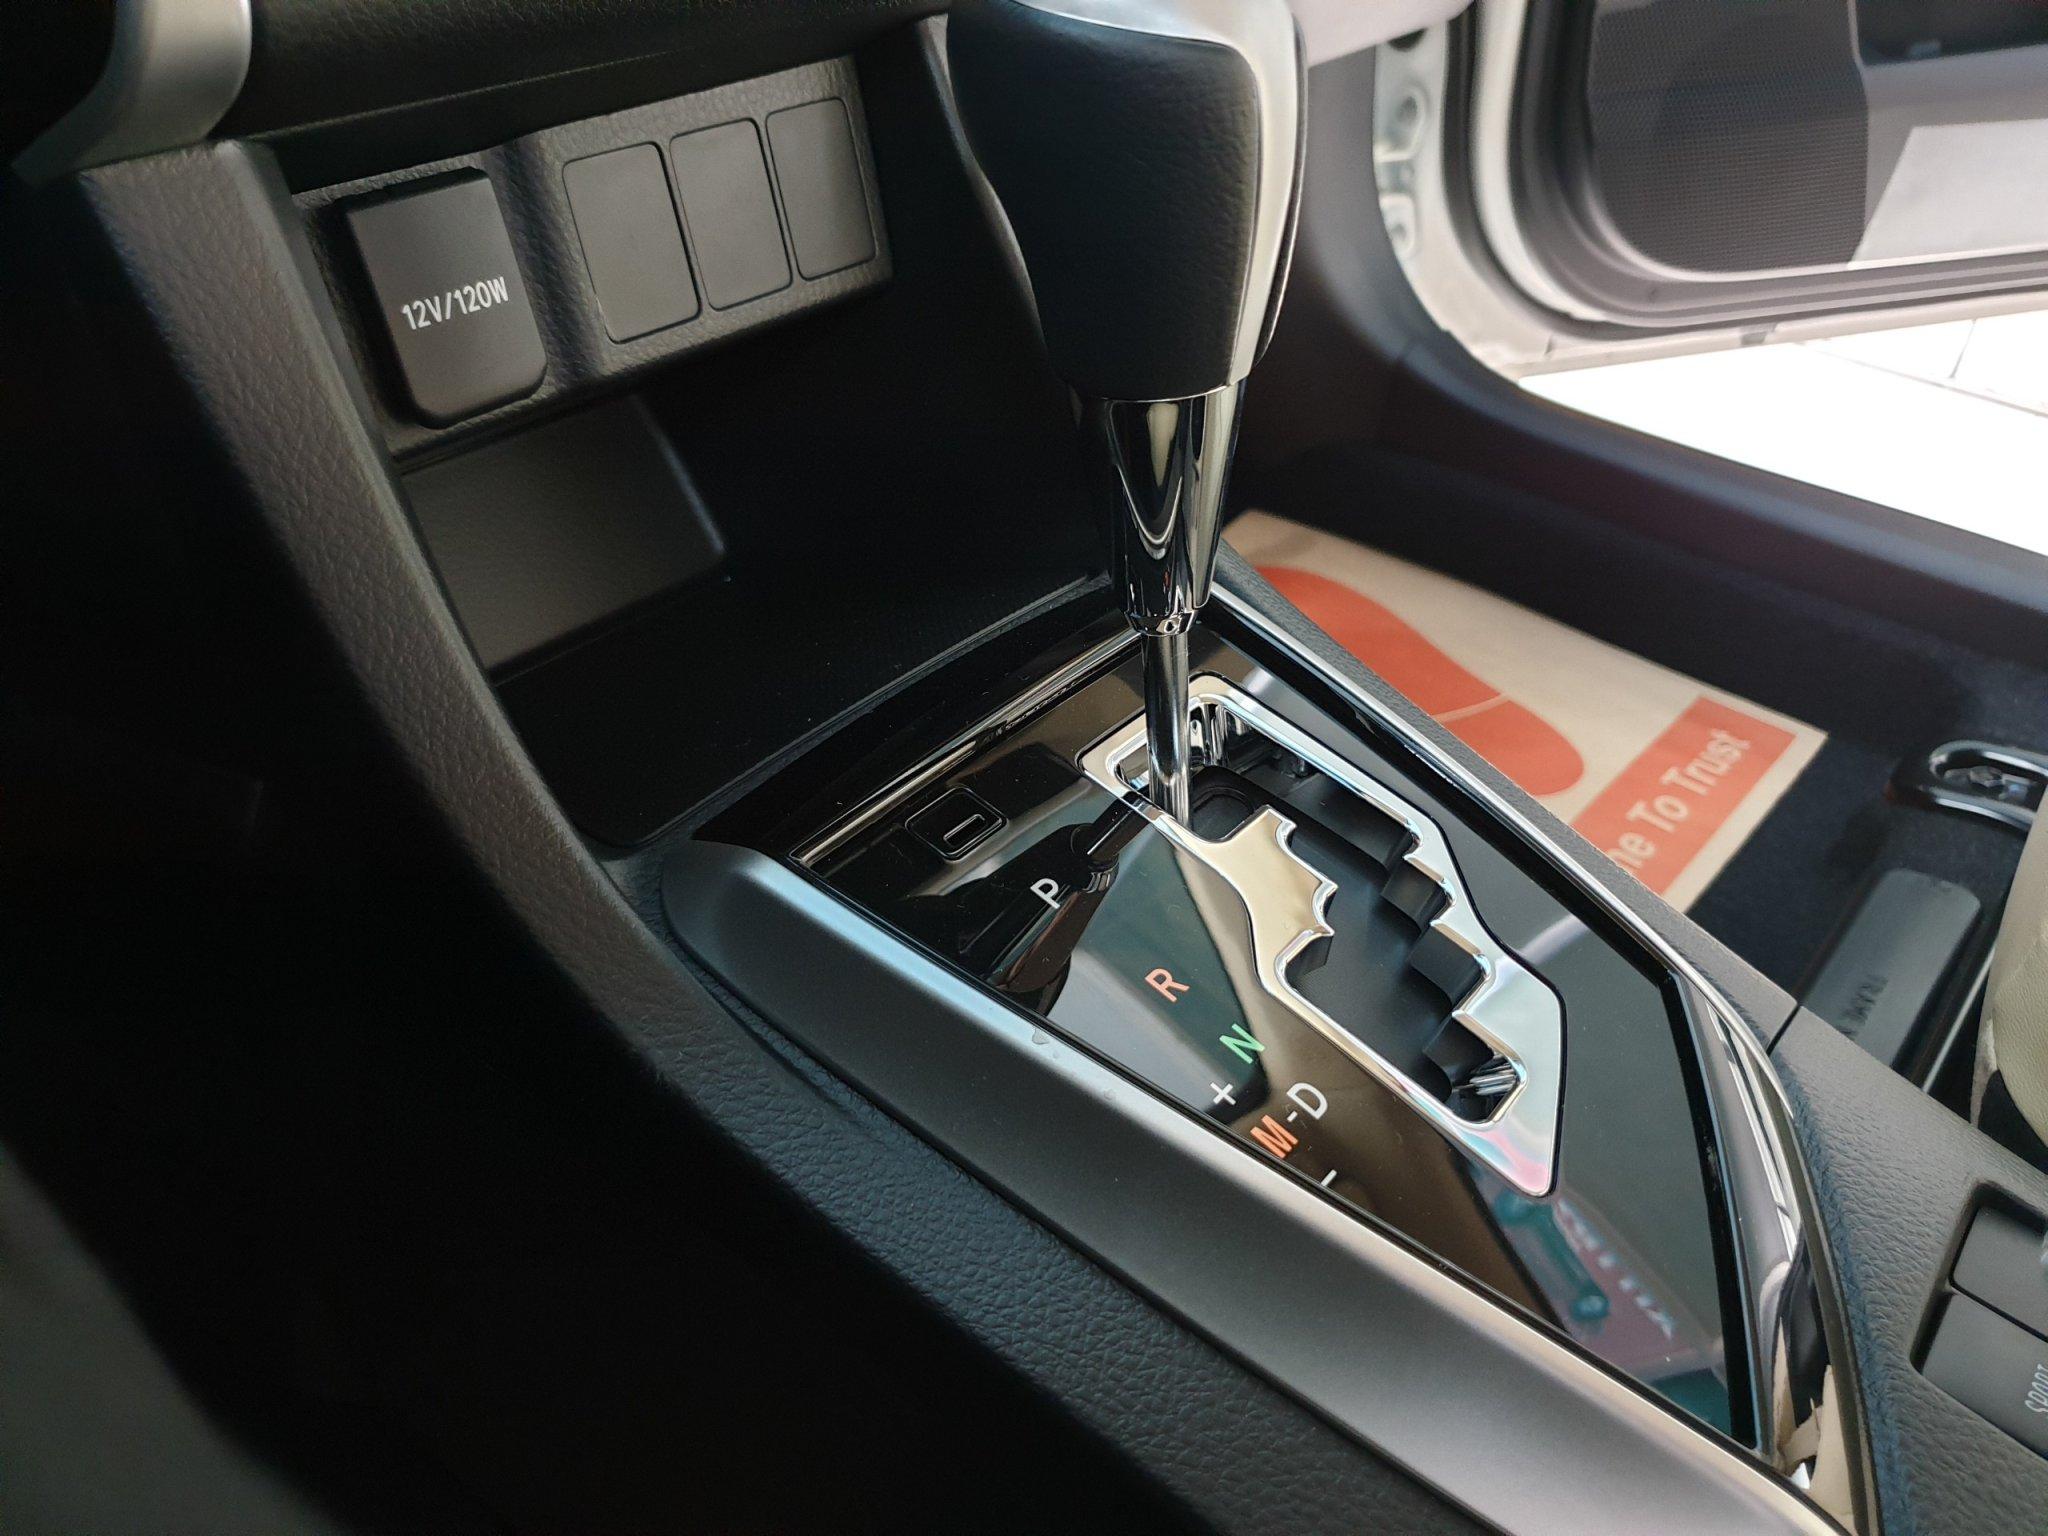 Altis 1.8 G CVT ảnh 15 - Altis 1.8 G CVT [hienthinam]: khuyến mãi và giá xe cập nhật mới